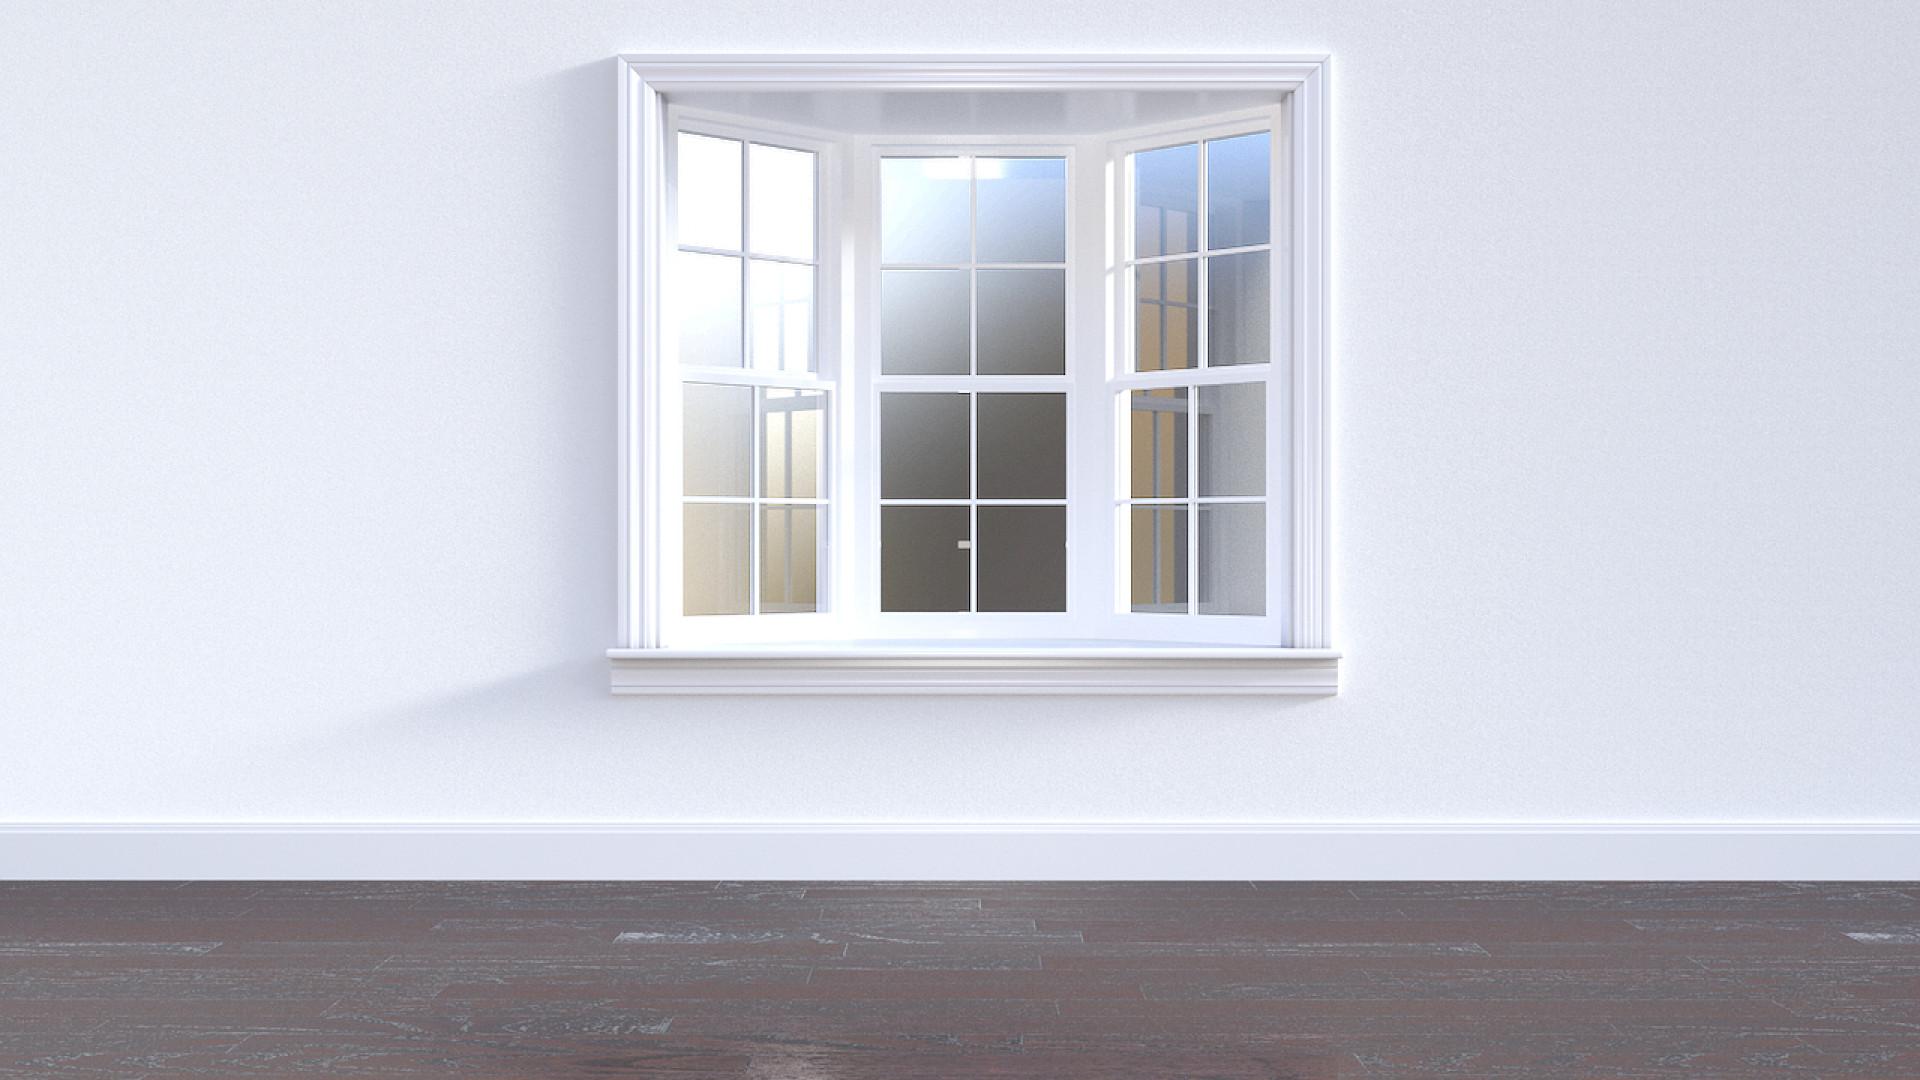 Combien coûte la pose de fenêtre PVC?